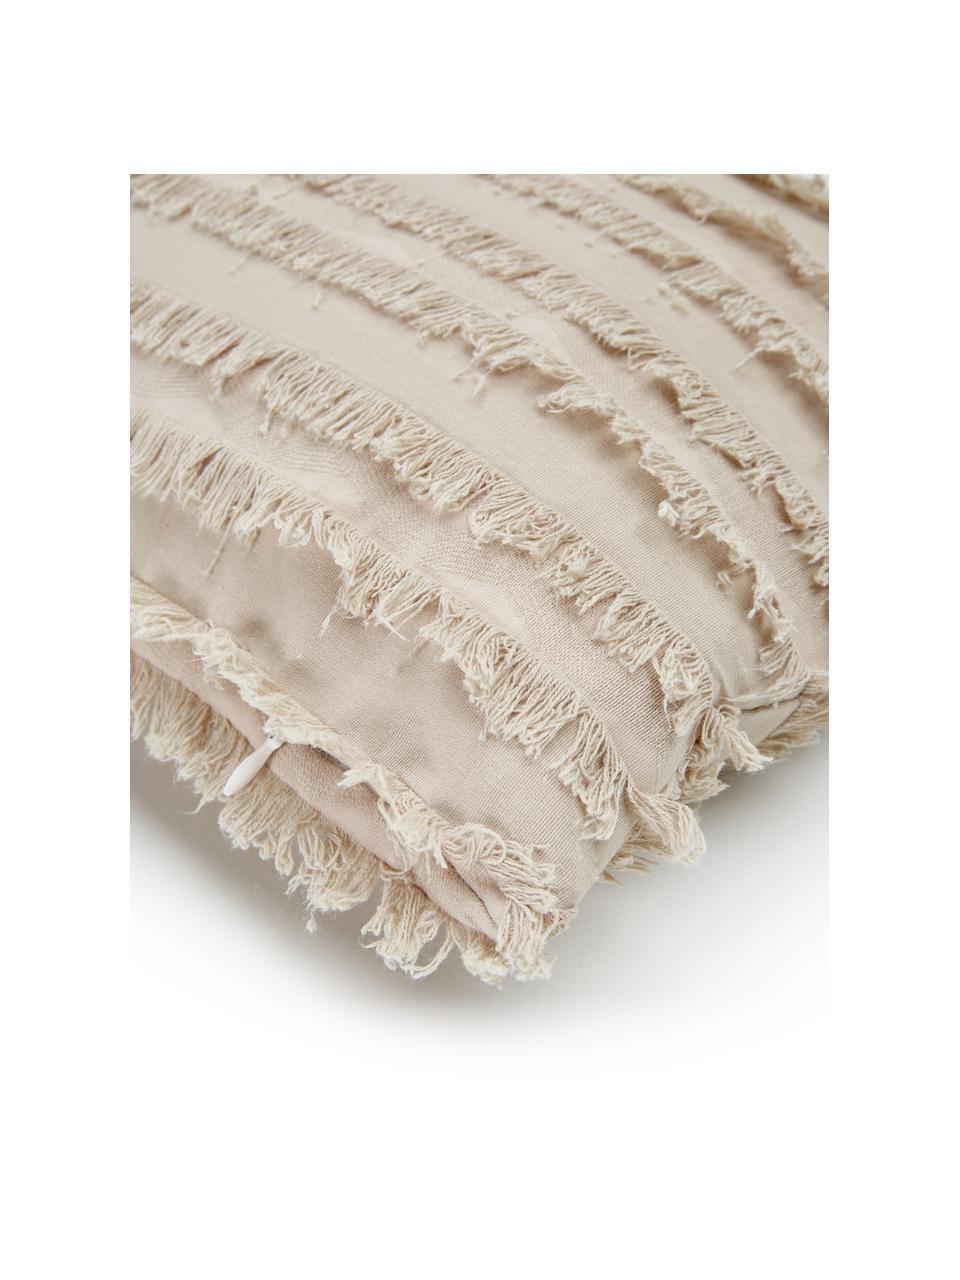 Federa arredo beige con frange decorative Jessie, 88% cotone, 7% viscosa, 5% lino, Beige, Larg. 30 x Lung. 50 cm